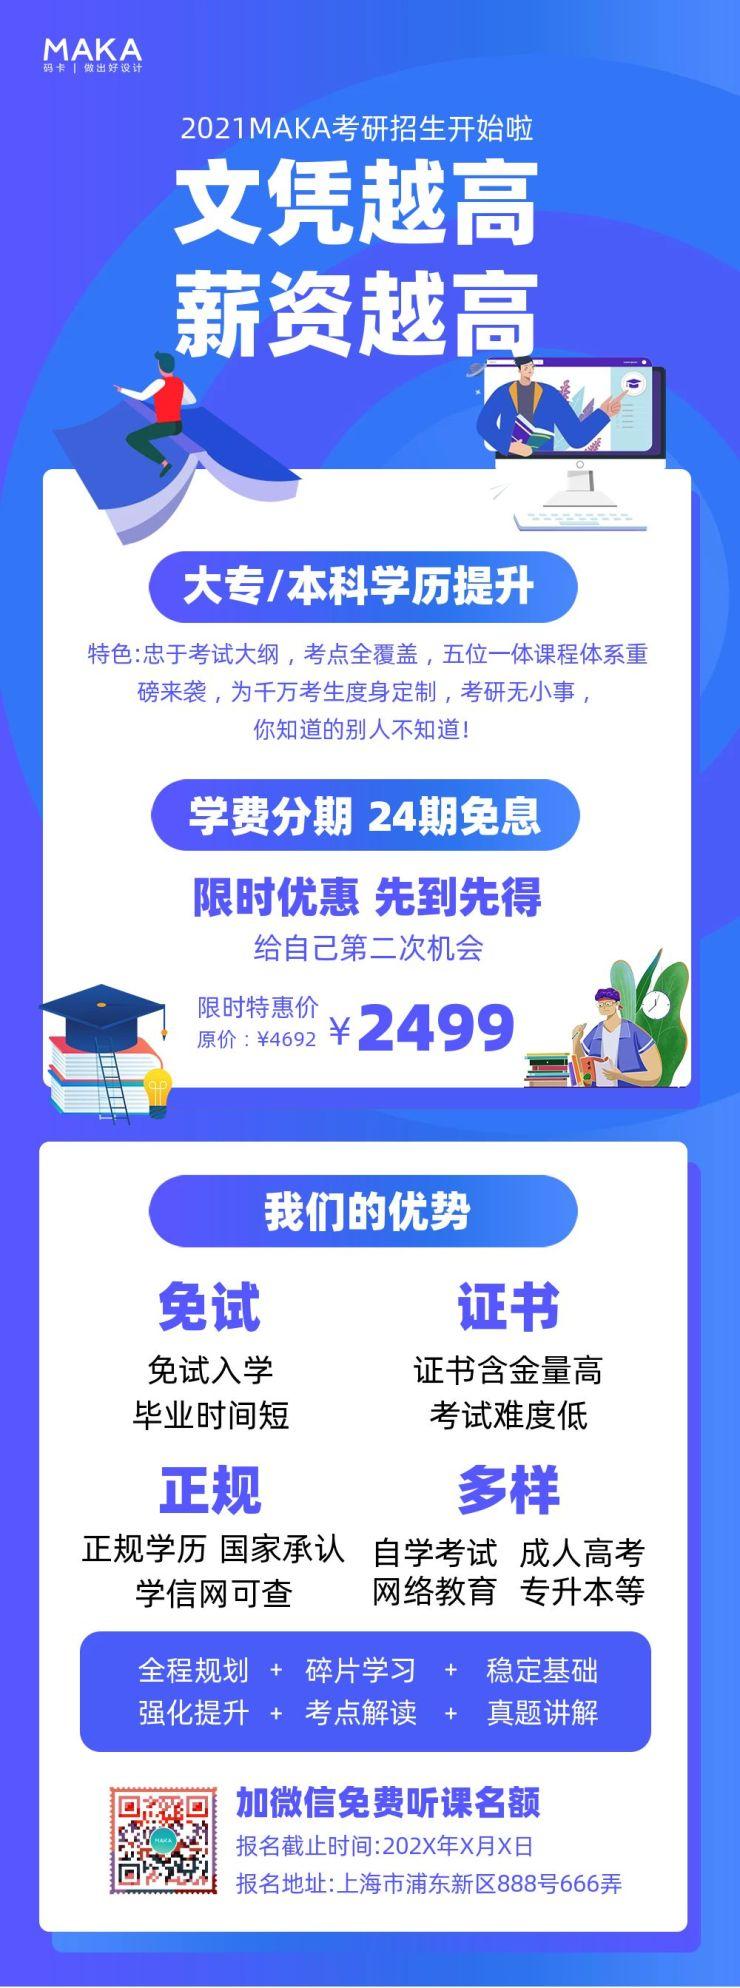 蓝色简洁大气风教育行业考研/学历提升招生宣传推广长图模板